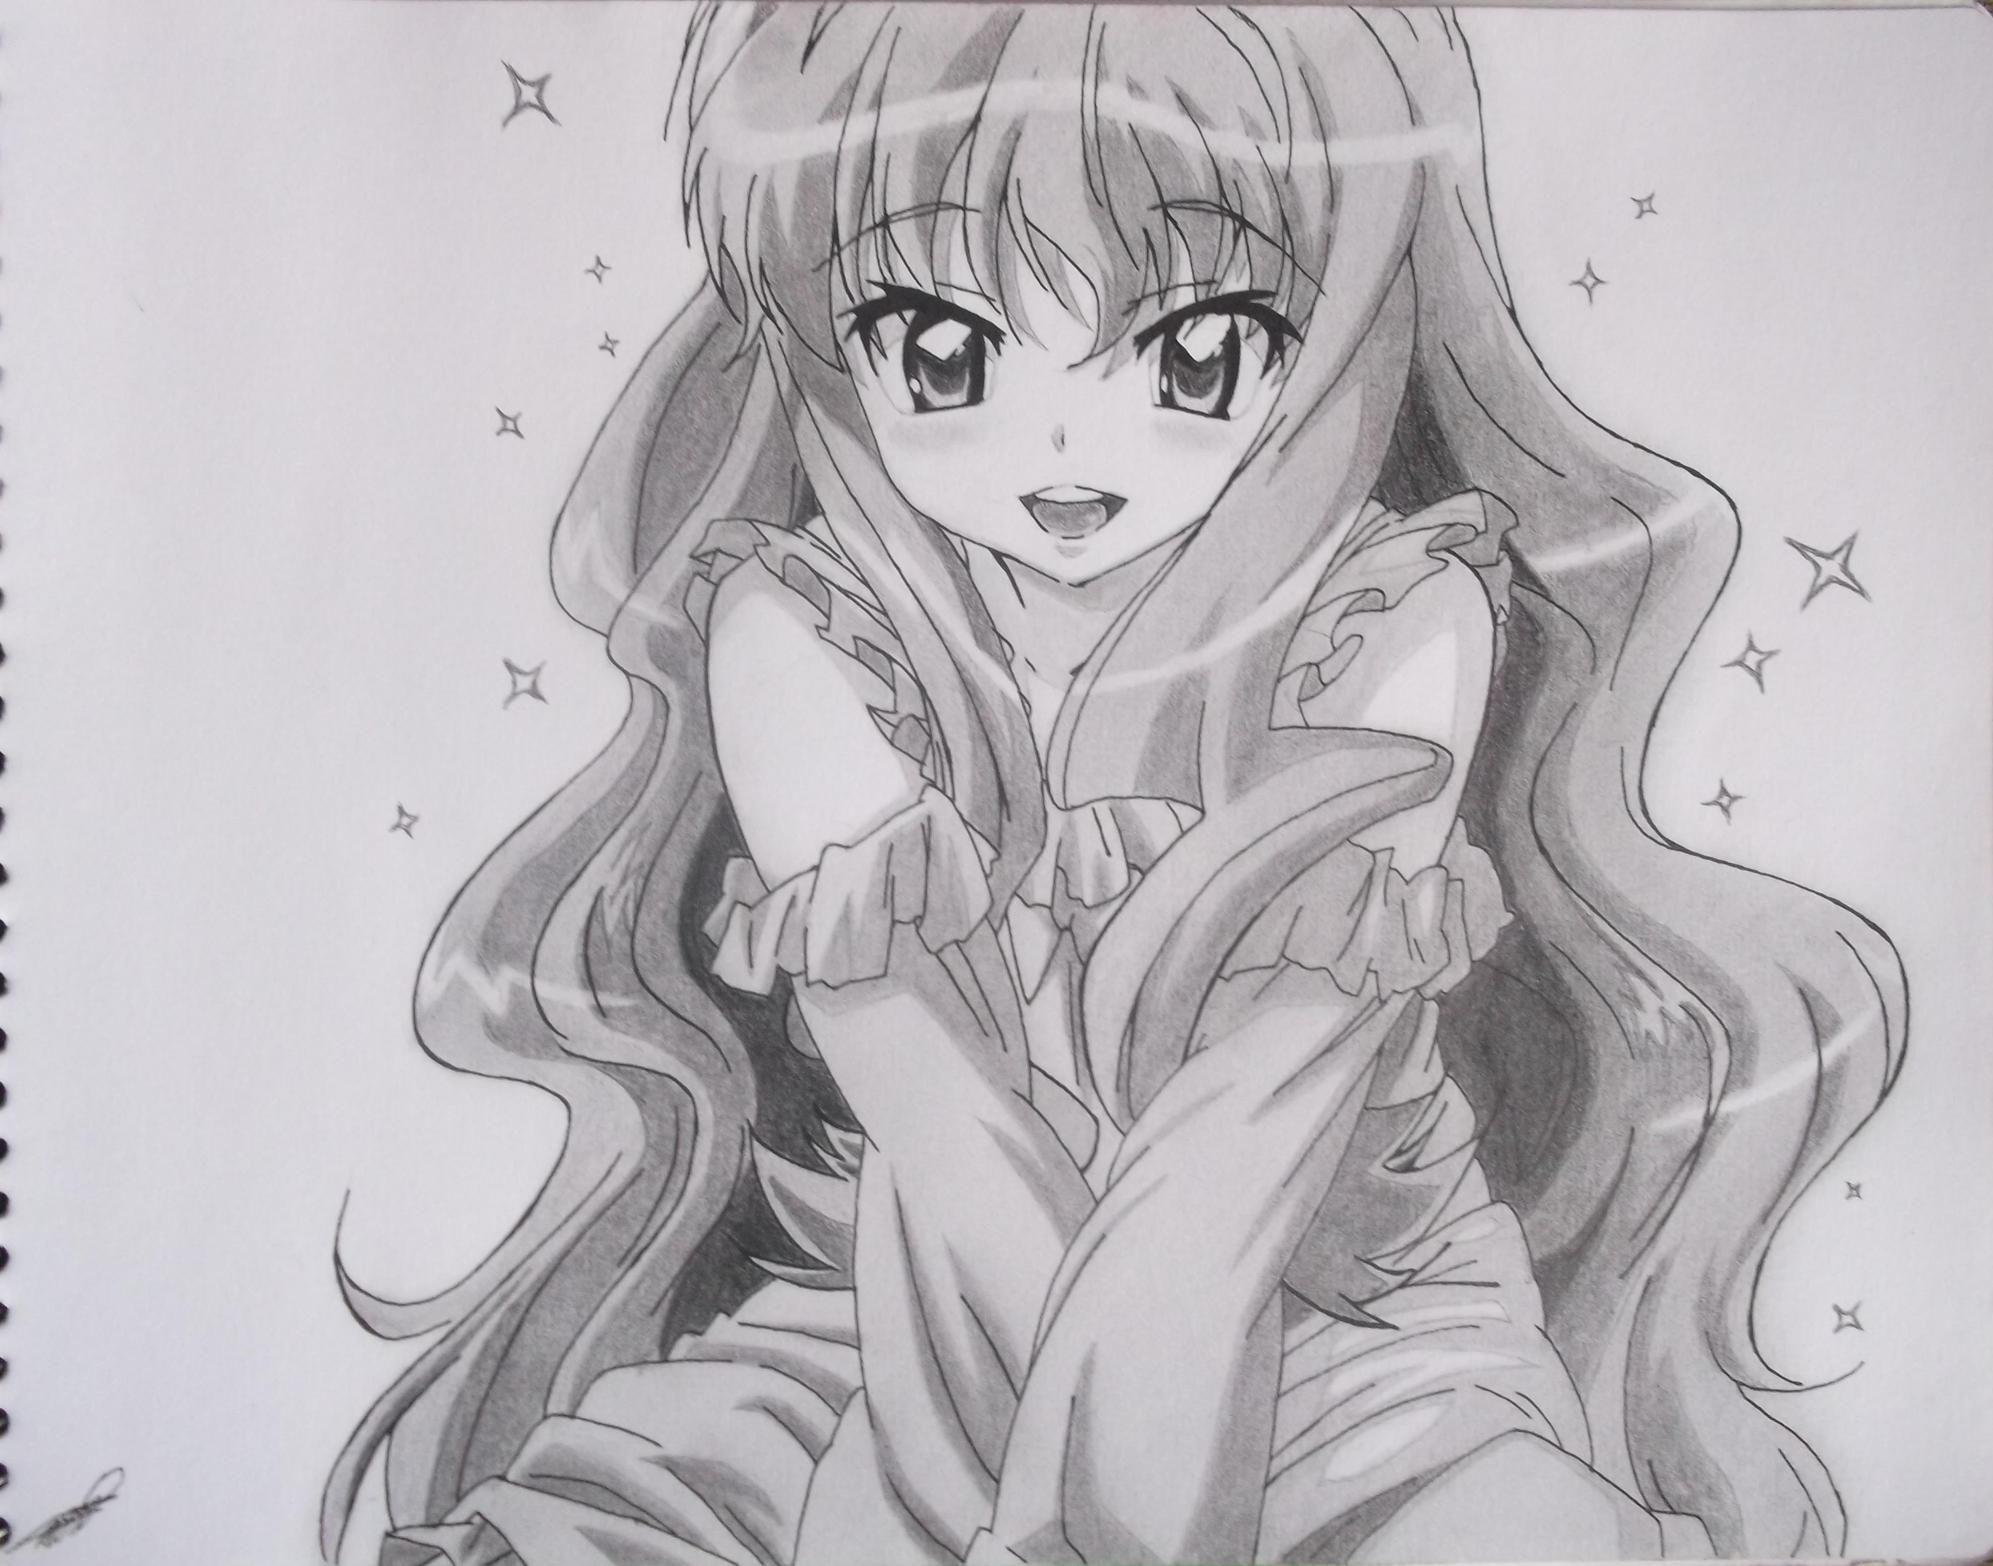 dibujos anime - Buscar con Google | Zero no tsukaima | Pinterest ...